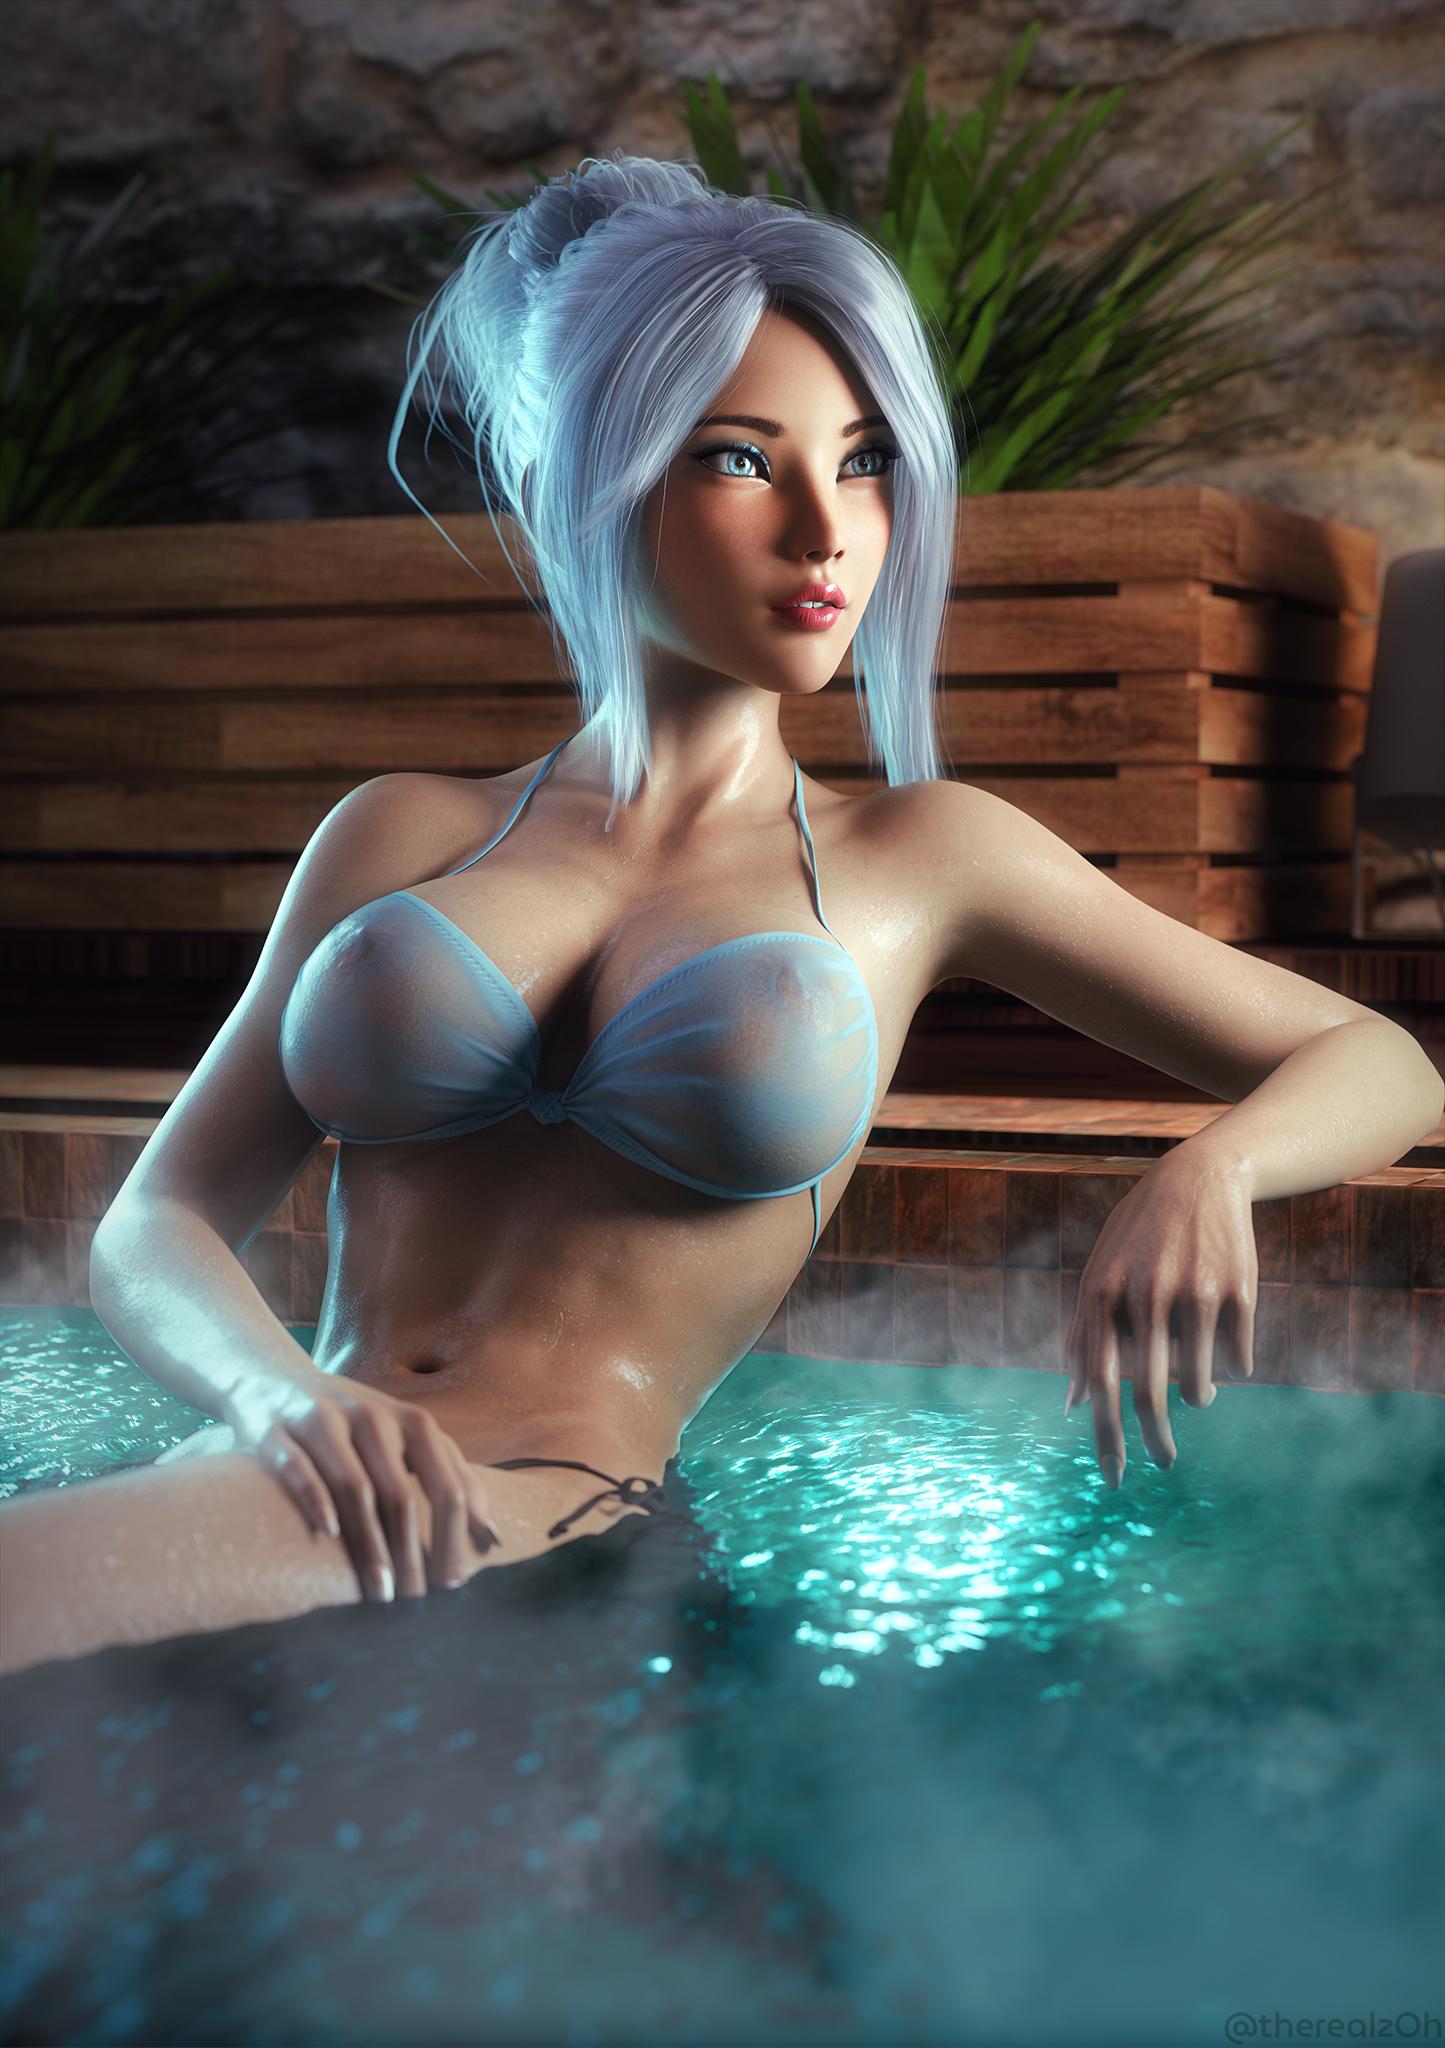 Hot Tub Jett